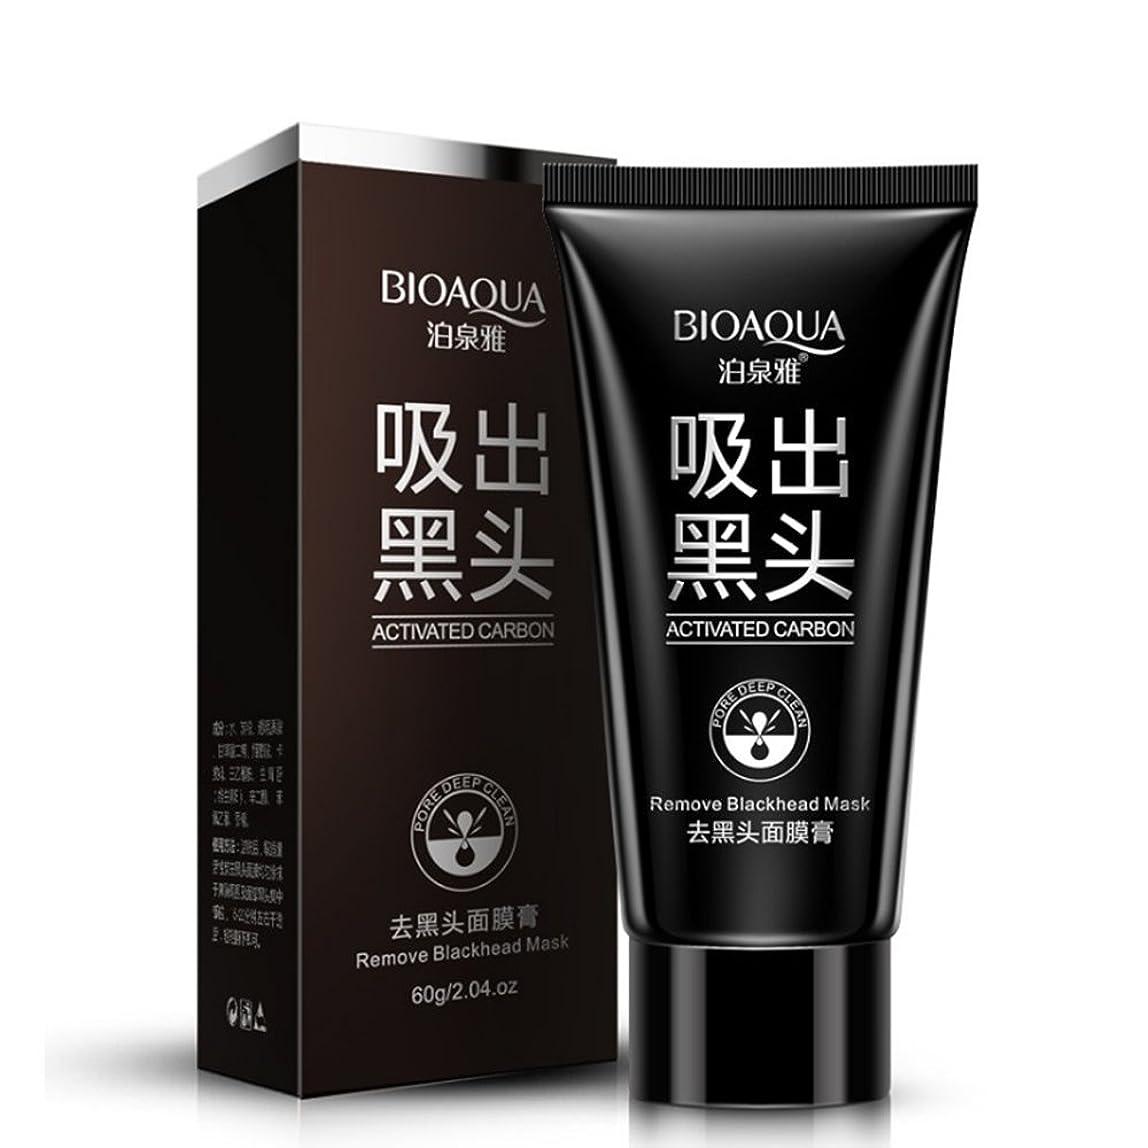 野菜インシデントサーキットに行くSuction Black Mask Shrink Black Head Spots Pores,Face Mask Blackhead Removal Blackheads Cosmetics Facials Moisturizing Skin Care.